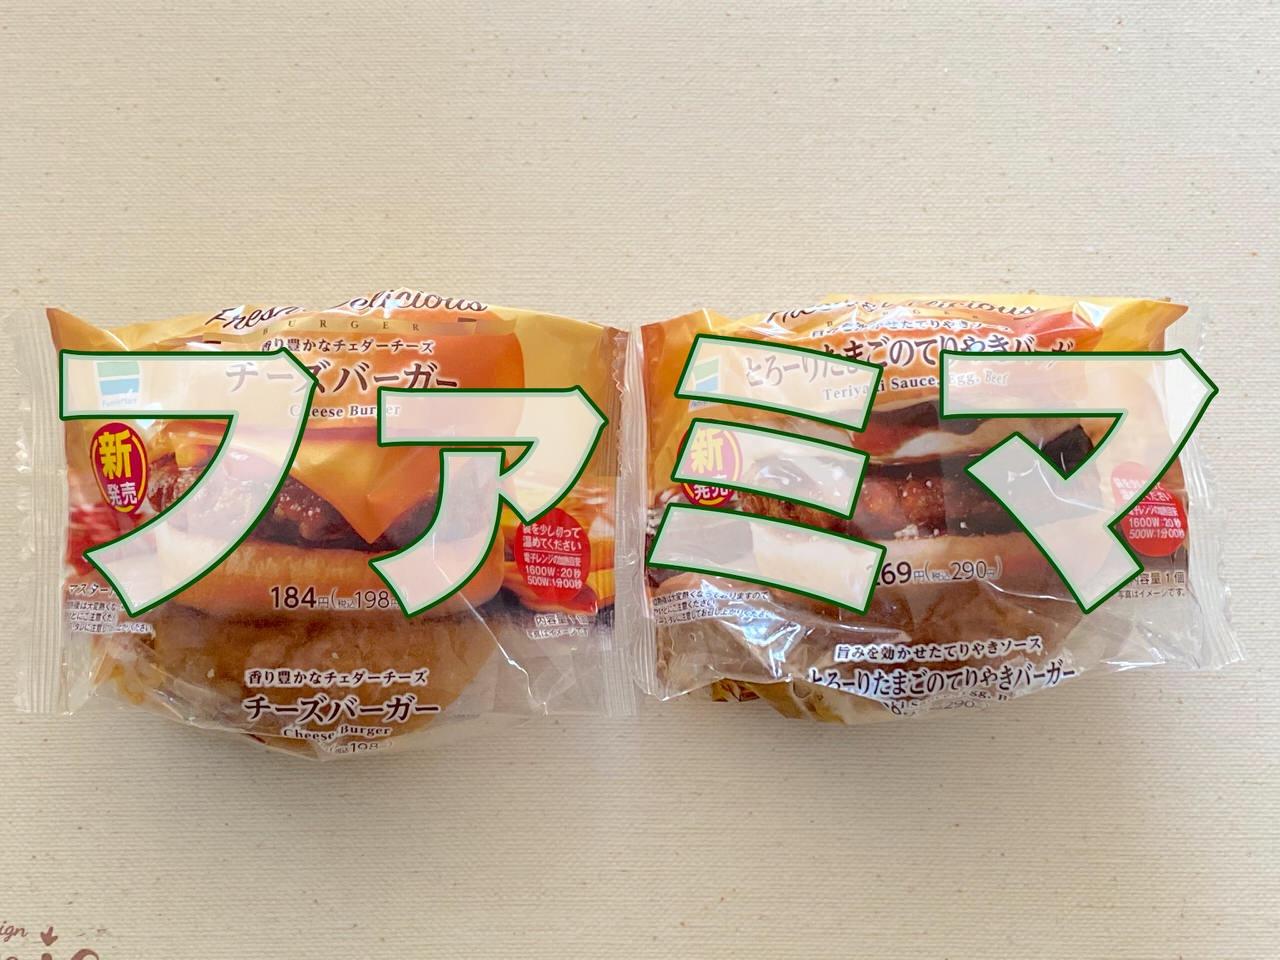 【ファミマ】こだわり旨みパティでハンバーガーがリニューアル!「チーズバーガー」「とろーりたまごのてりやきバーガー」食べてみた